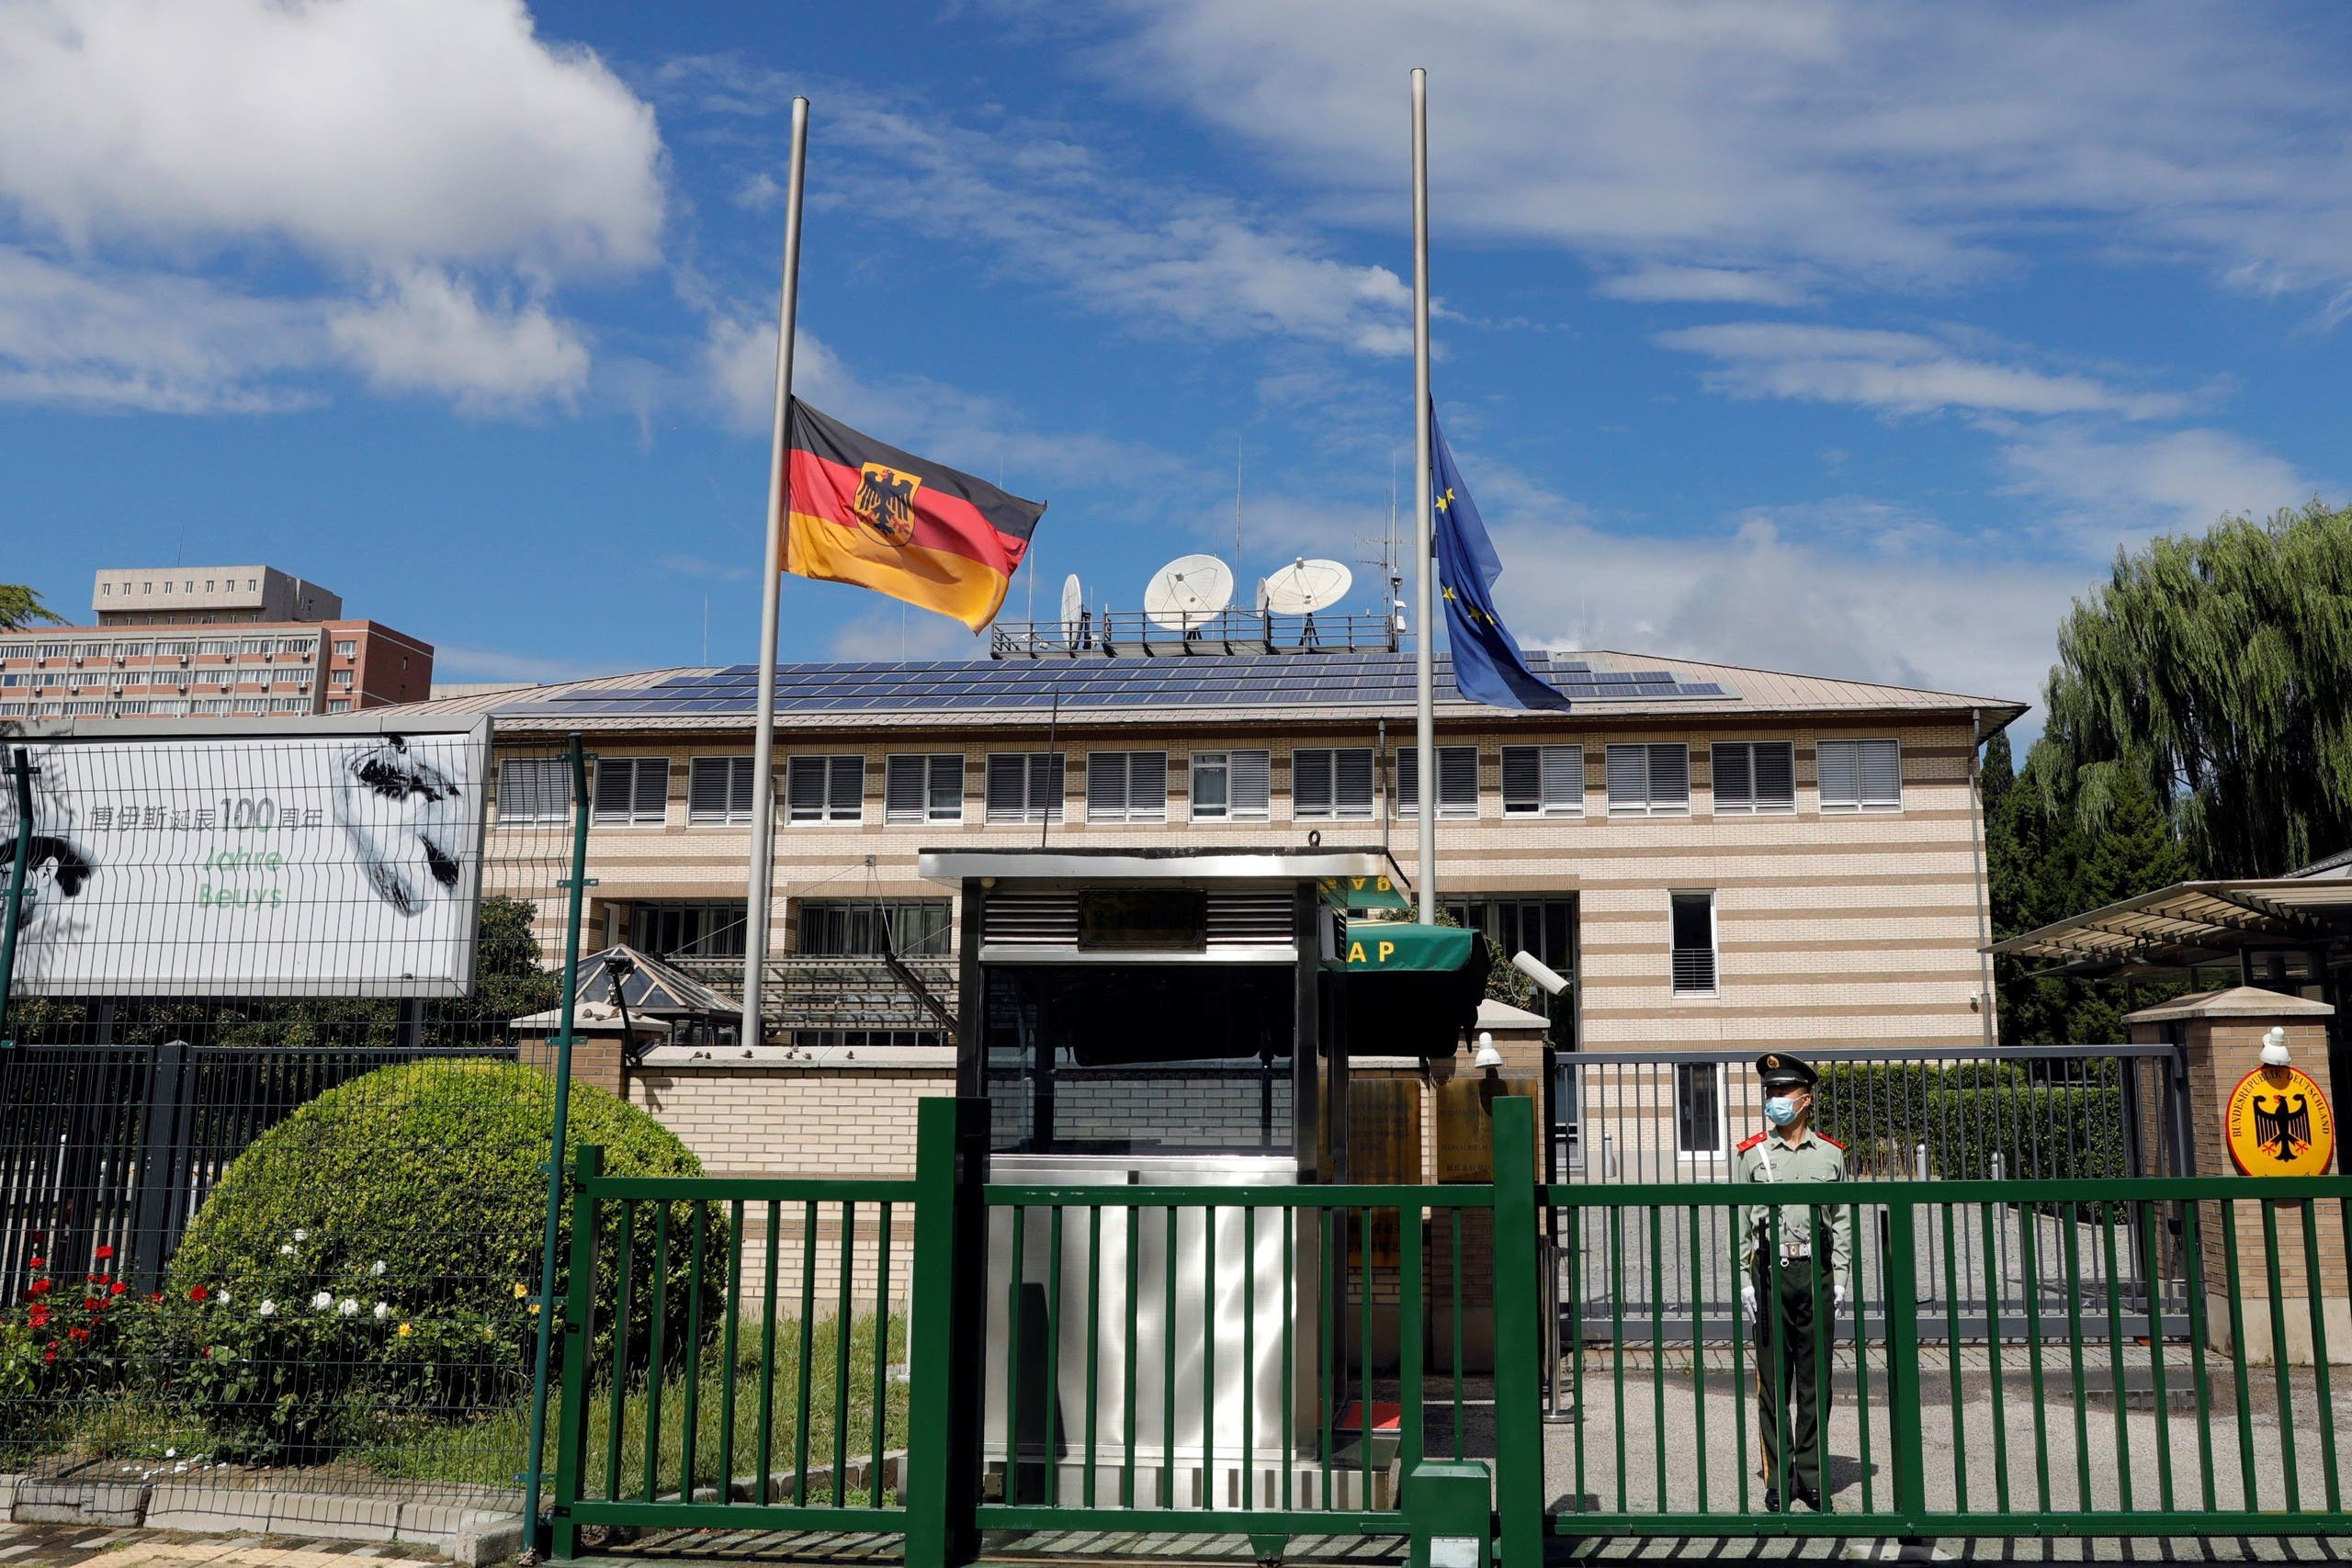 تنكيس الأعلام في السفارة الألمانية في بكين